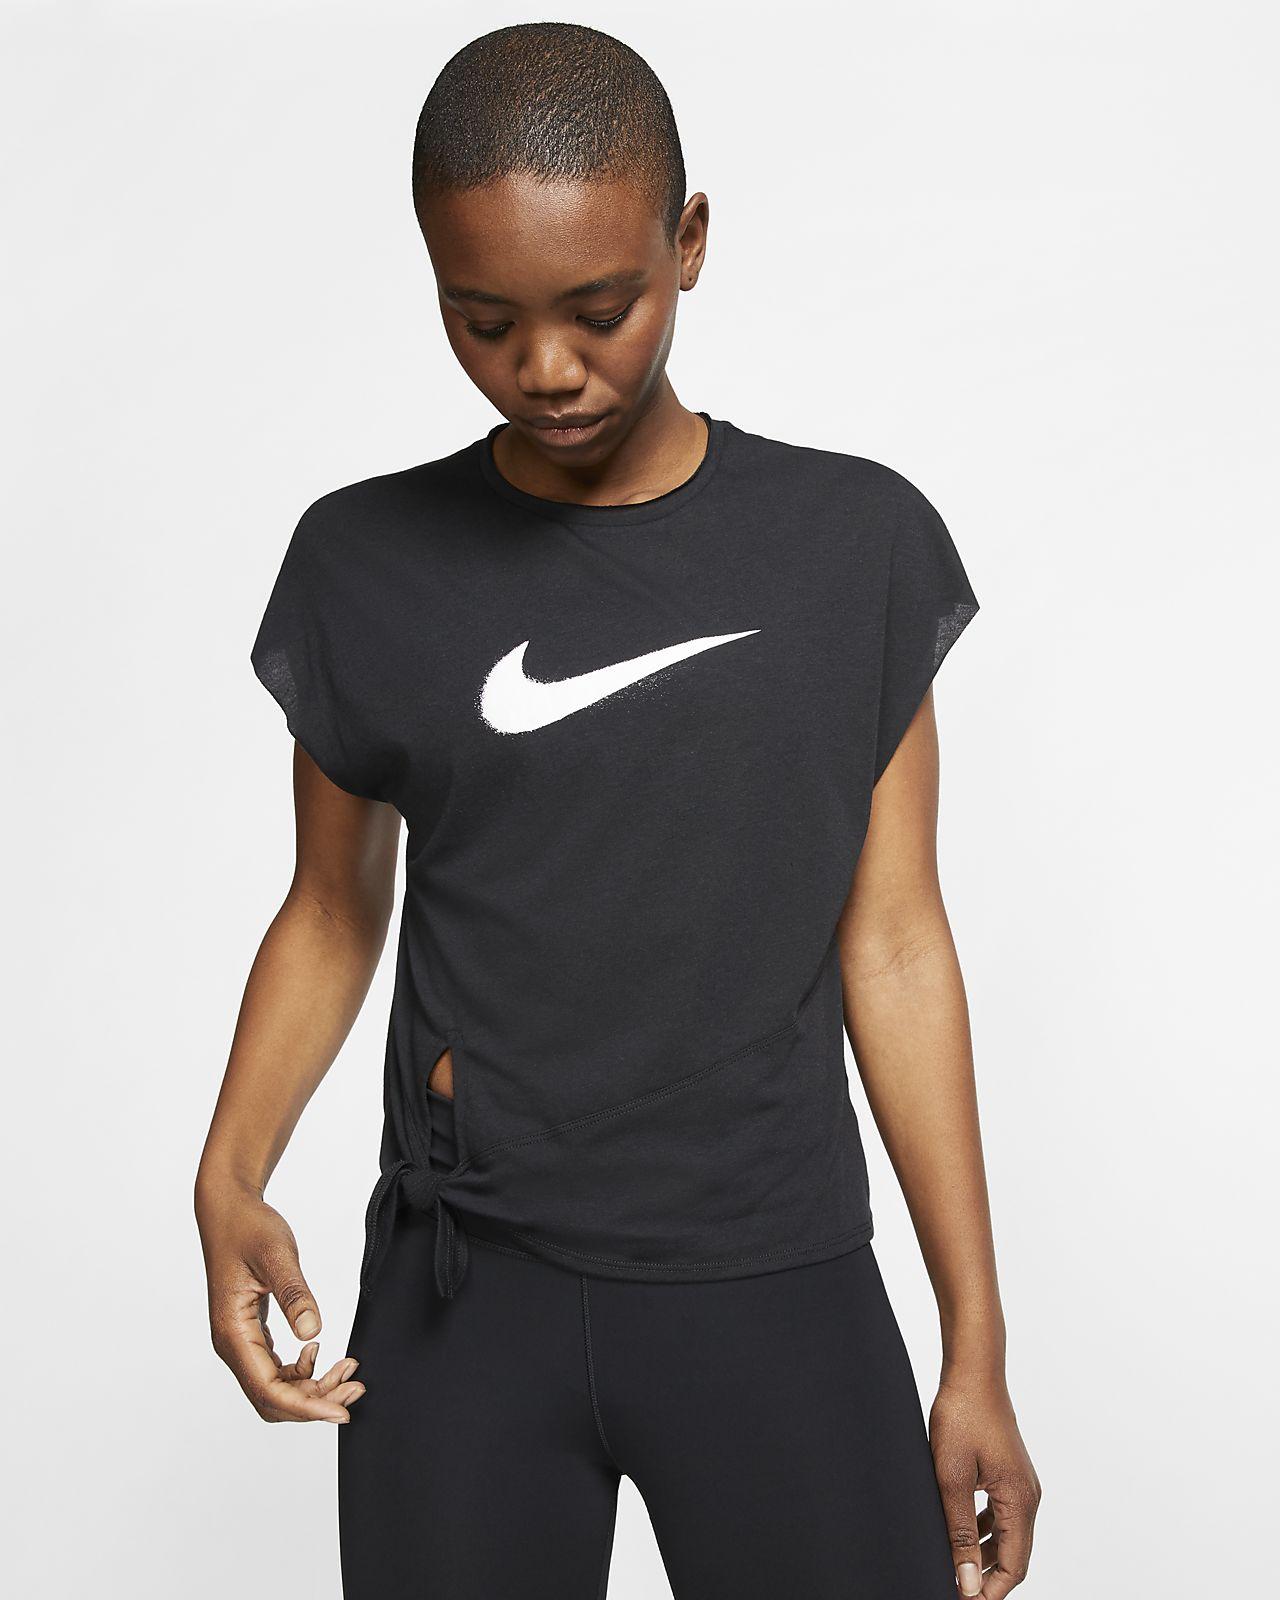 Camisola de treino de manga curta Nike Dri-FIT para mulher